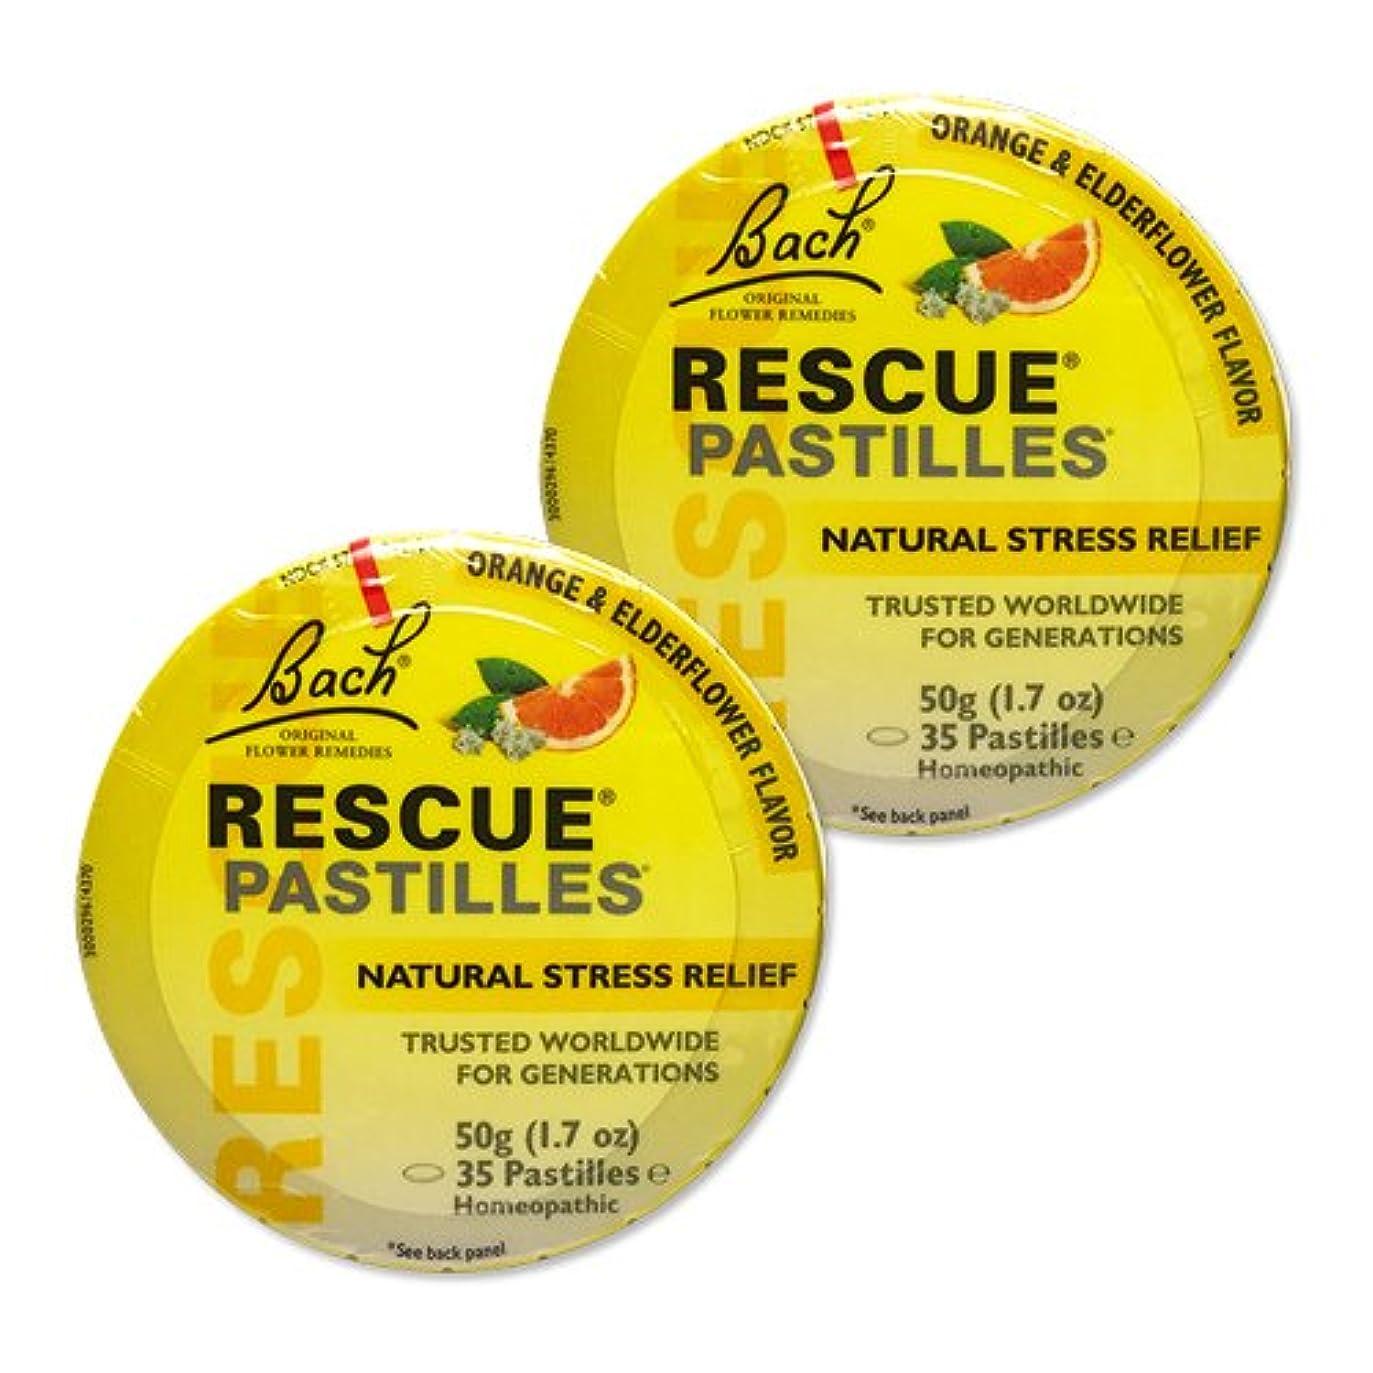 赤外線インタラクション句読点【2個セット】 [海外直送品]バッチフラワー レスキューレメディー パステル(オレンジ) Rescue Pastilles: For Occasional...